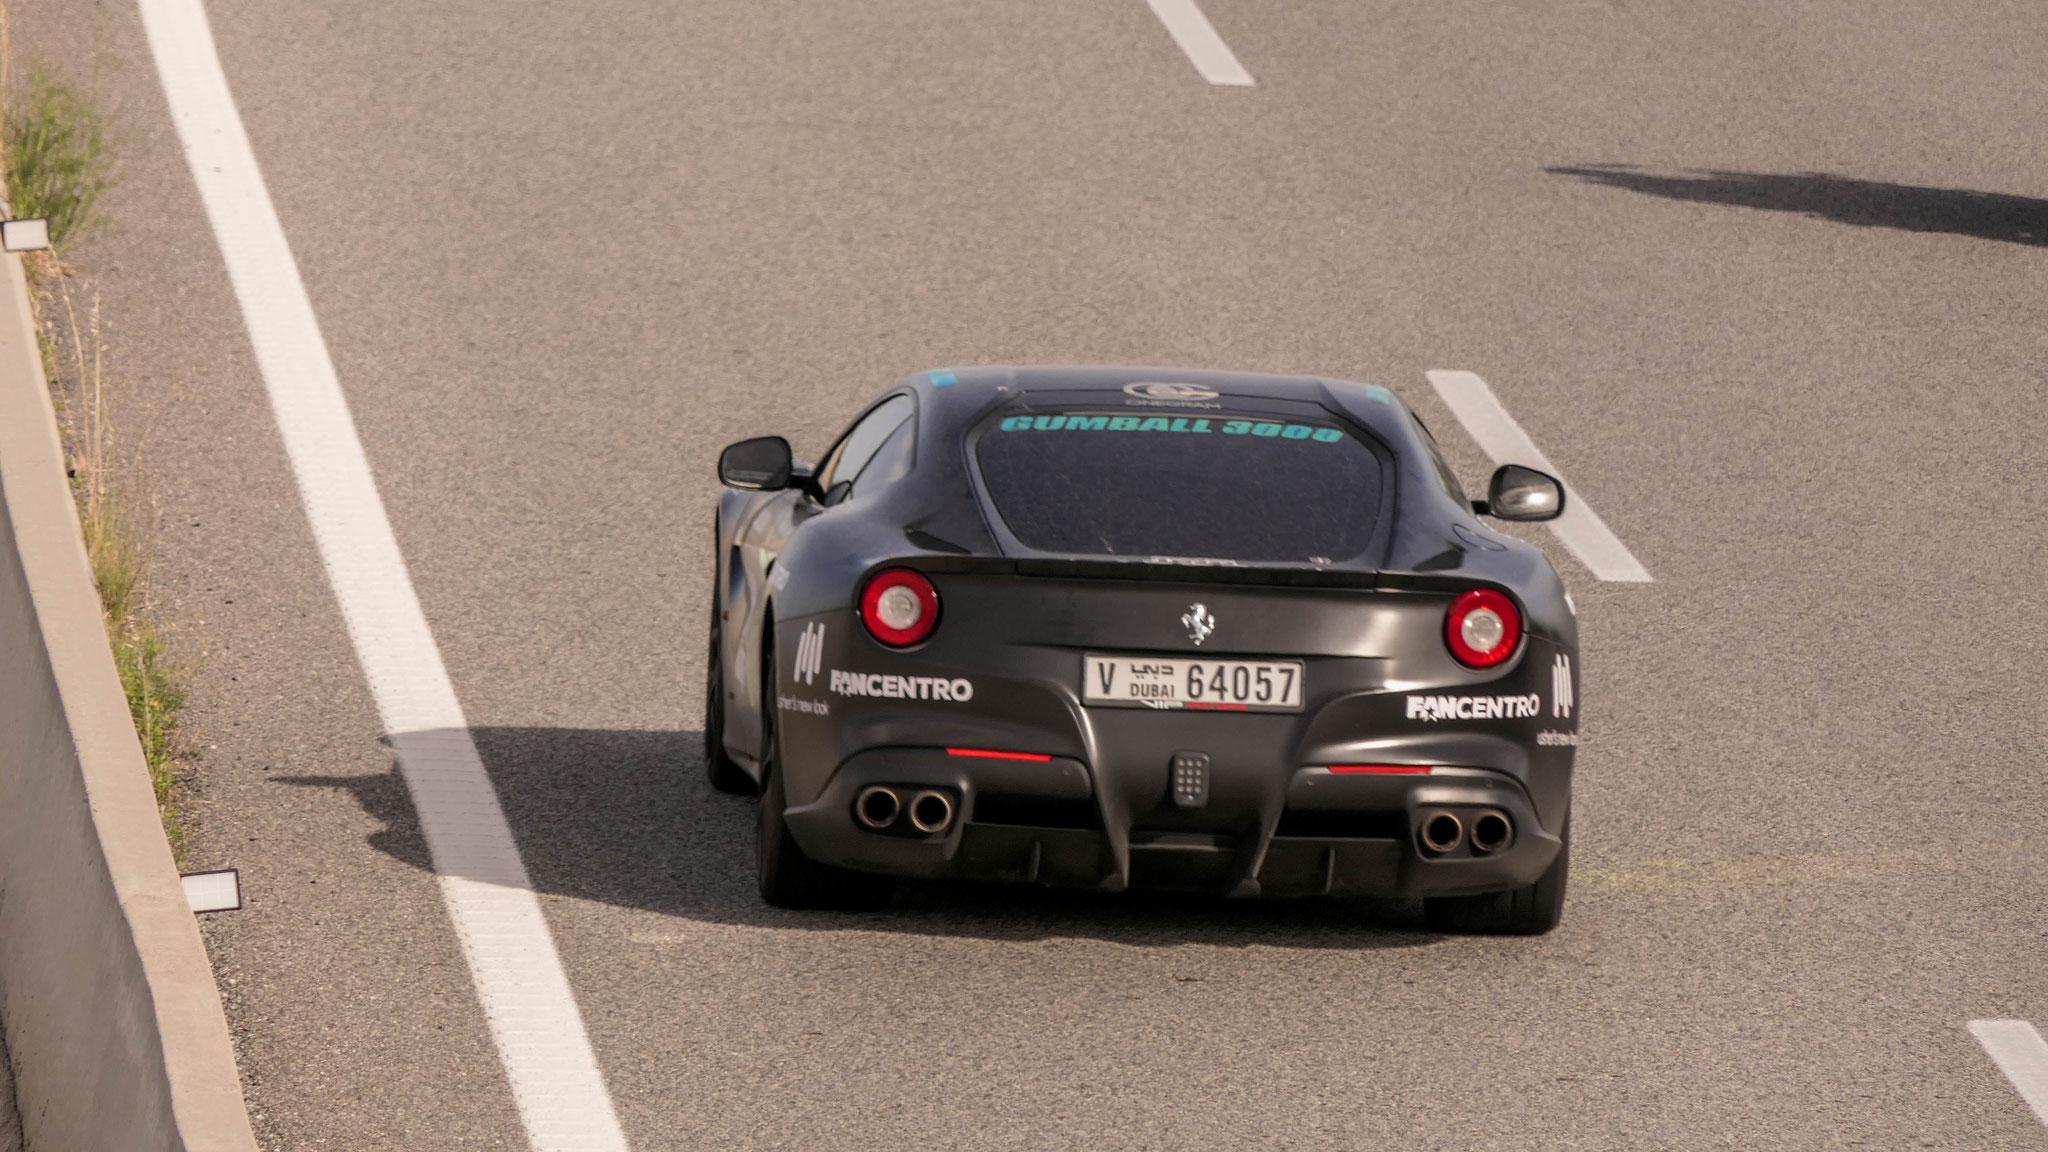 Ferrari F12 Berlinetta - V-64057 (Dubai)